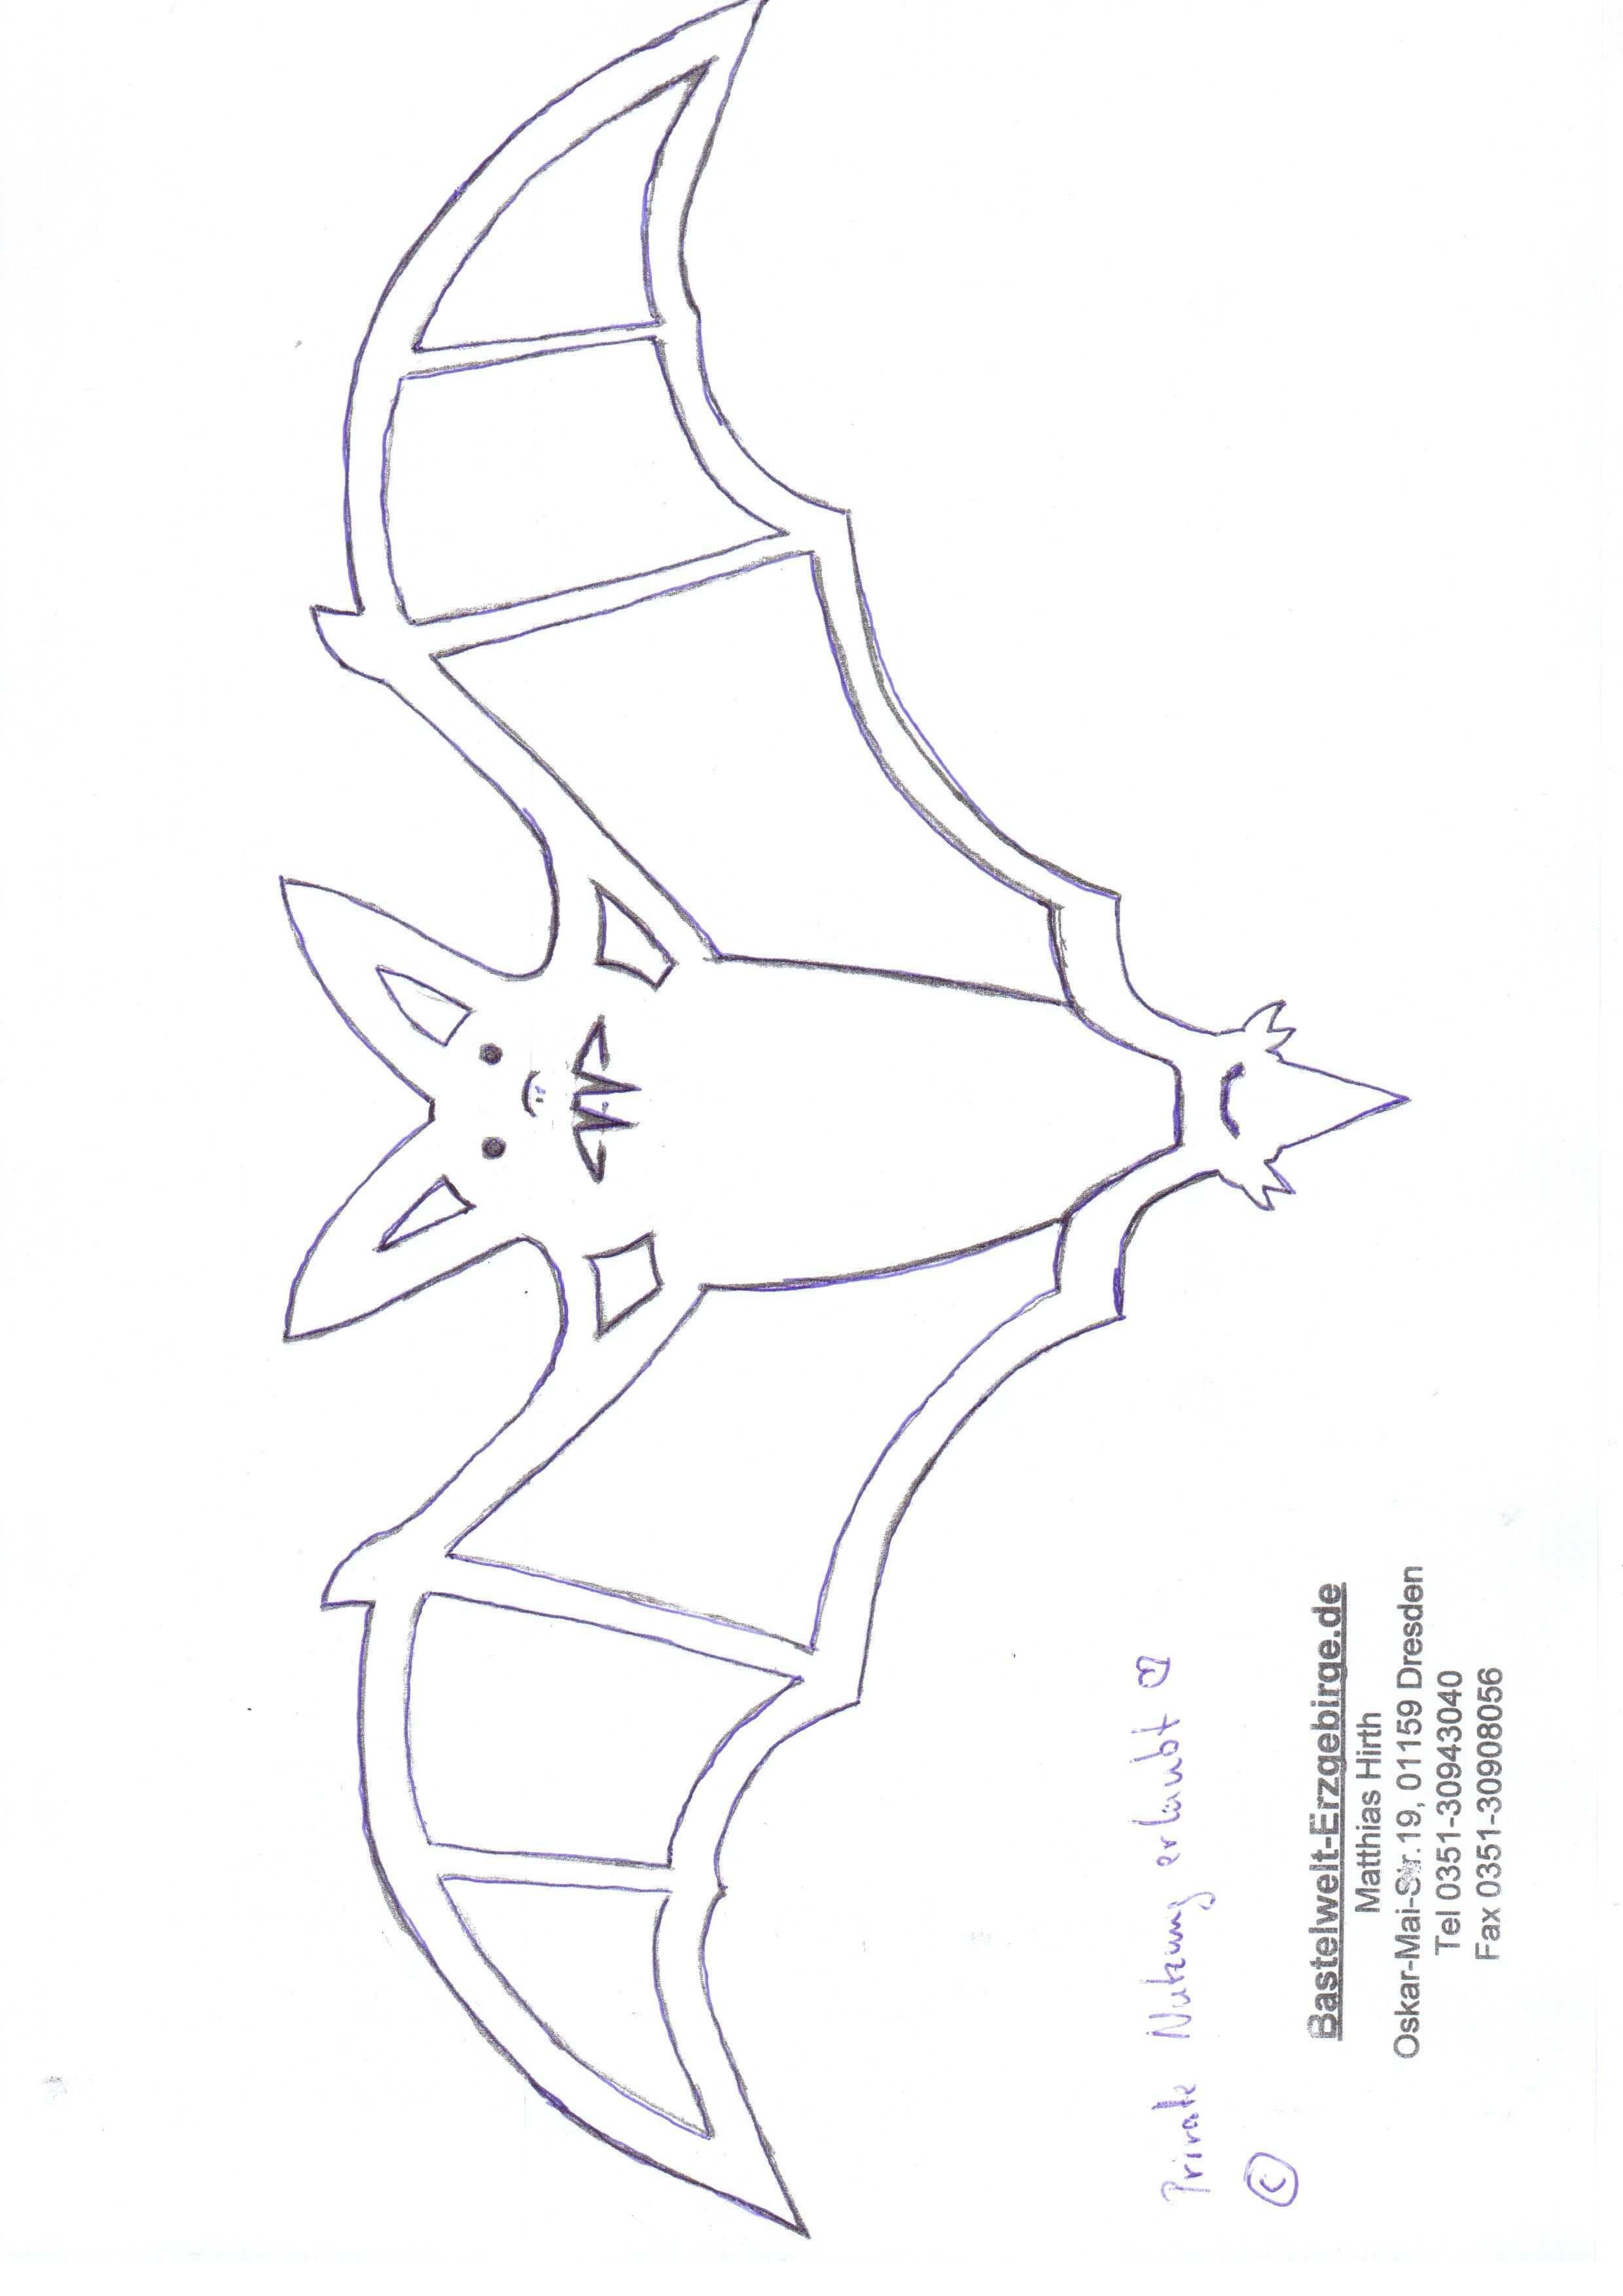 Kostenlose Laubsagevorlage Teelichthalter Fledermaus Auf Kurbis Holz Basteln Kunst Vorlagen Kostenlose Vorlagen Laub